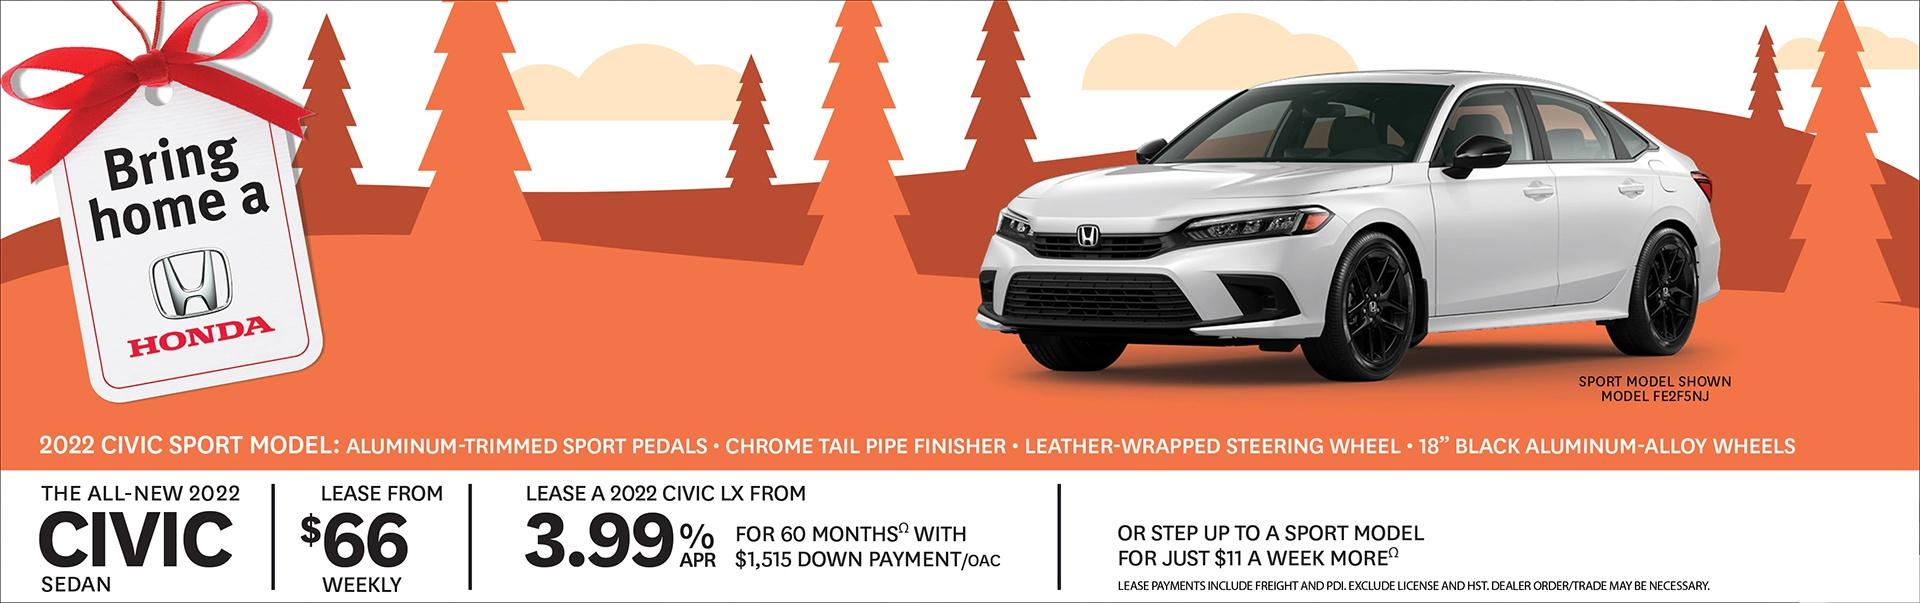 2022 Honda Civic Canadian Incentives at Richmond Hill Honda in Toronto and the GTA